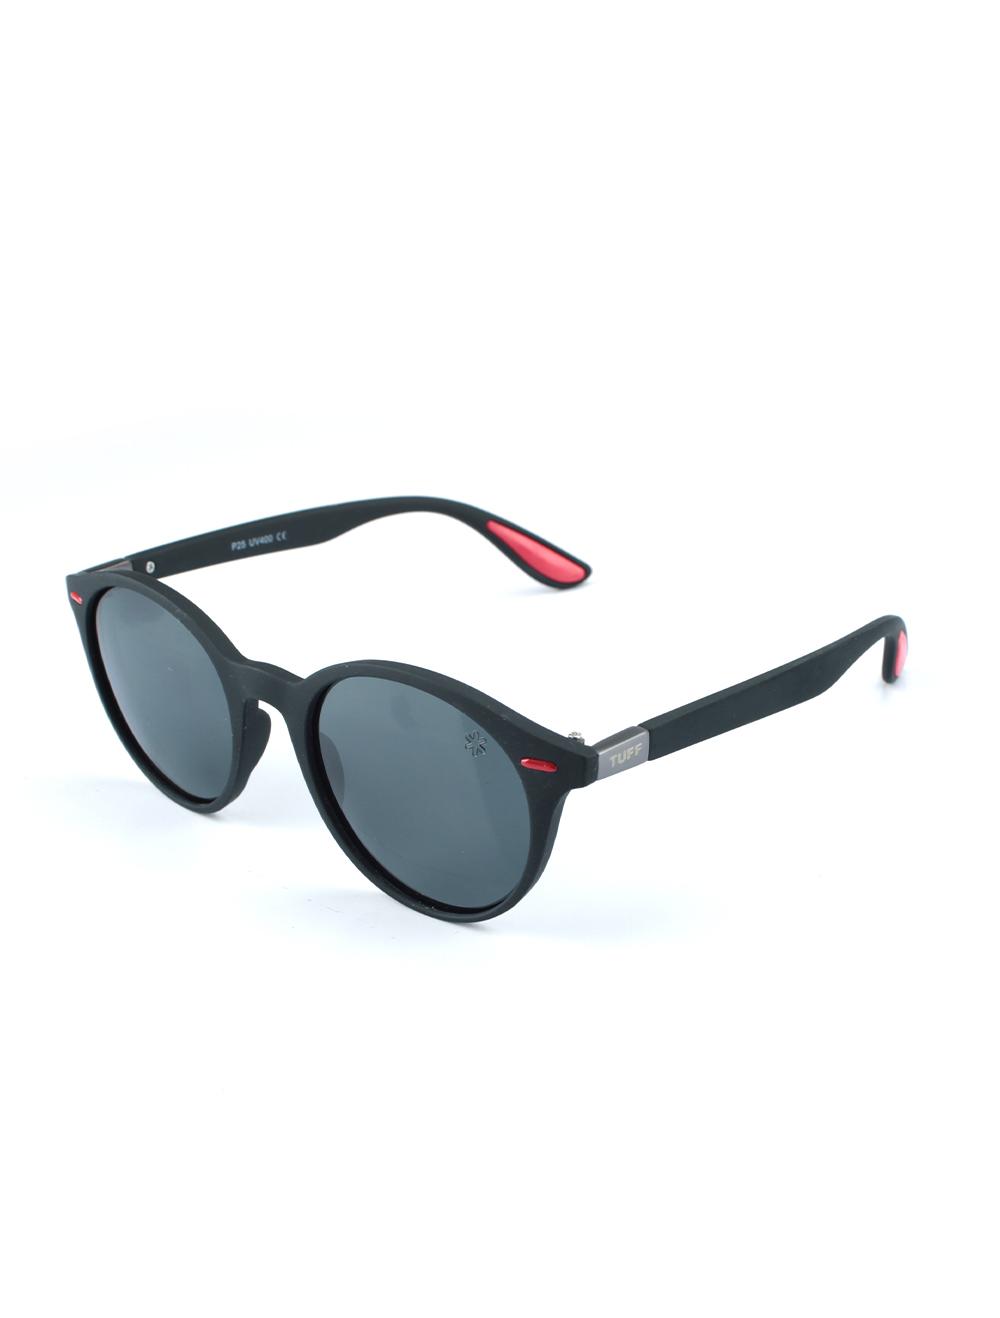 Sunglasses Moderno Preto com Lentes Polarizada